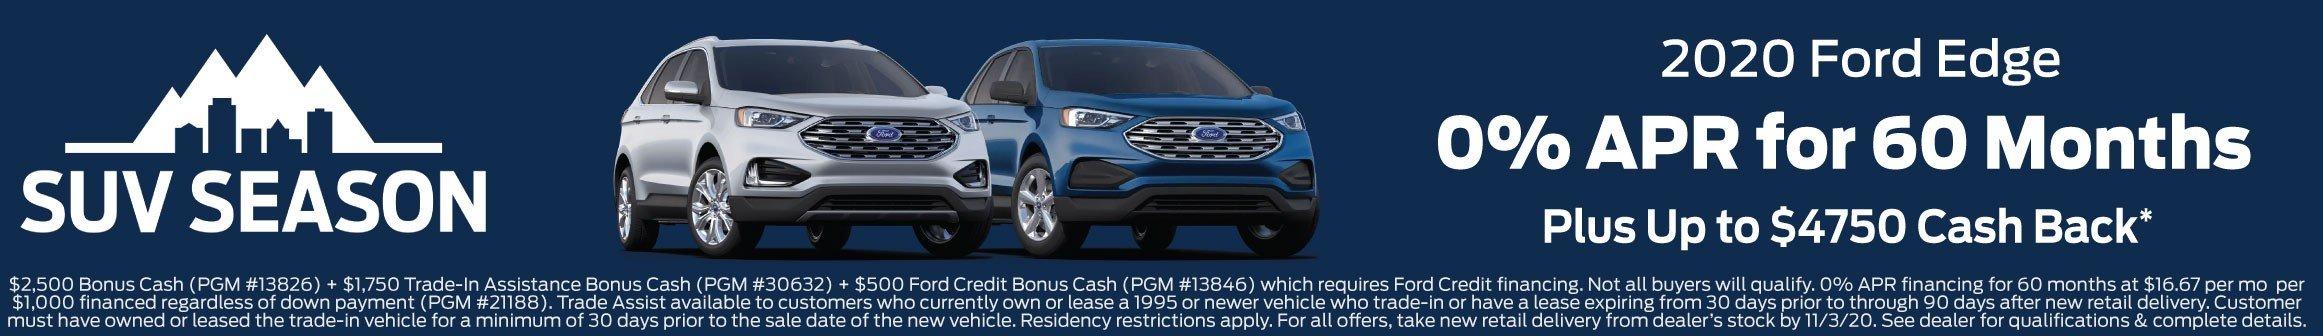 Ford Edge Offer 11-3-2020